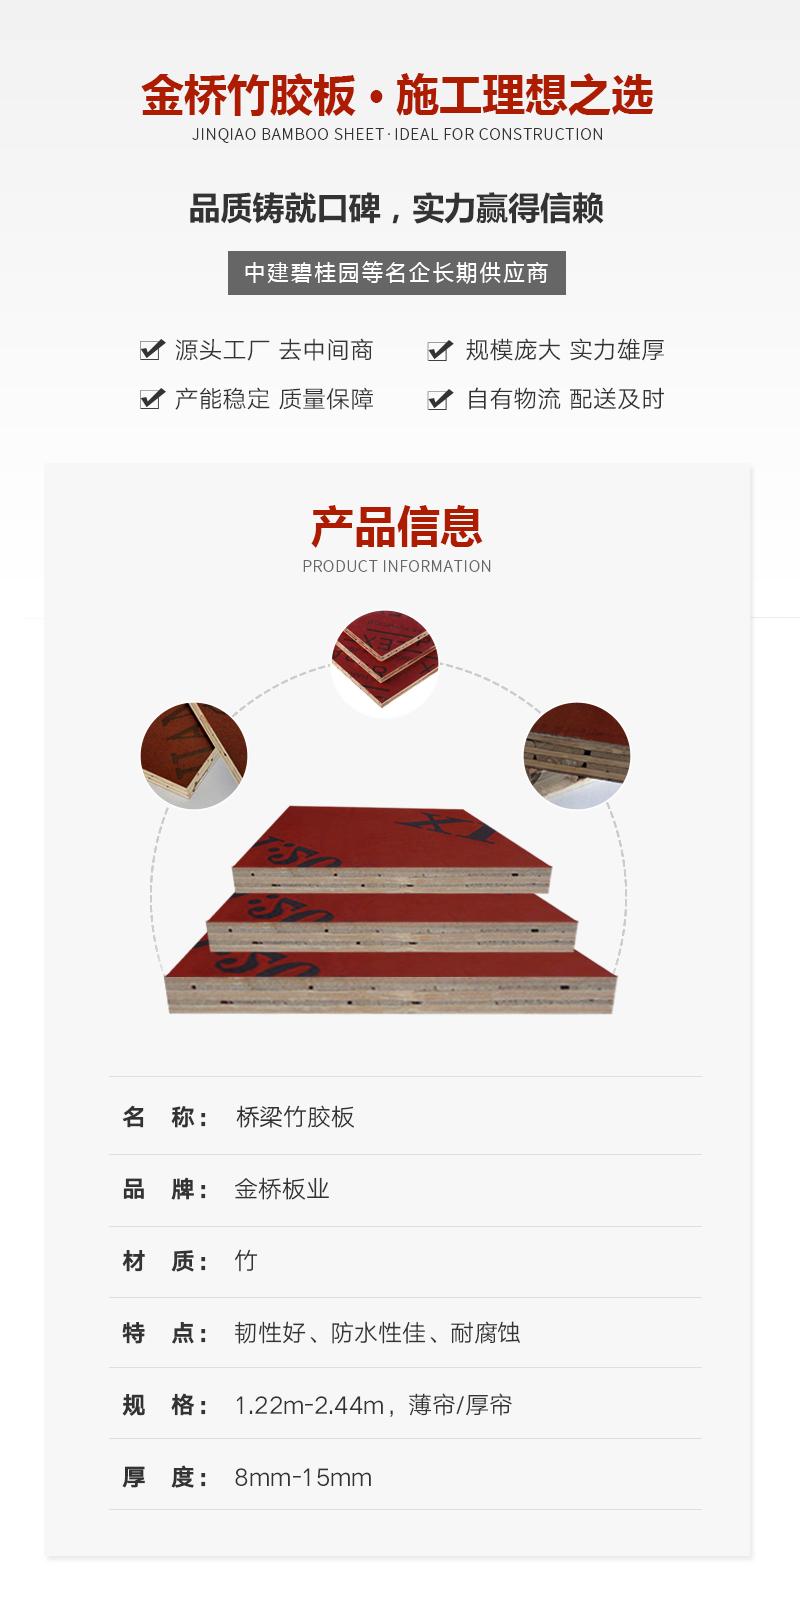 薄帘竹胶板1.22*2.44*1.5金桥板业产品信息介绍